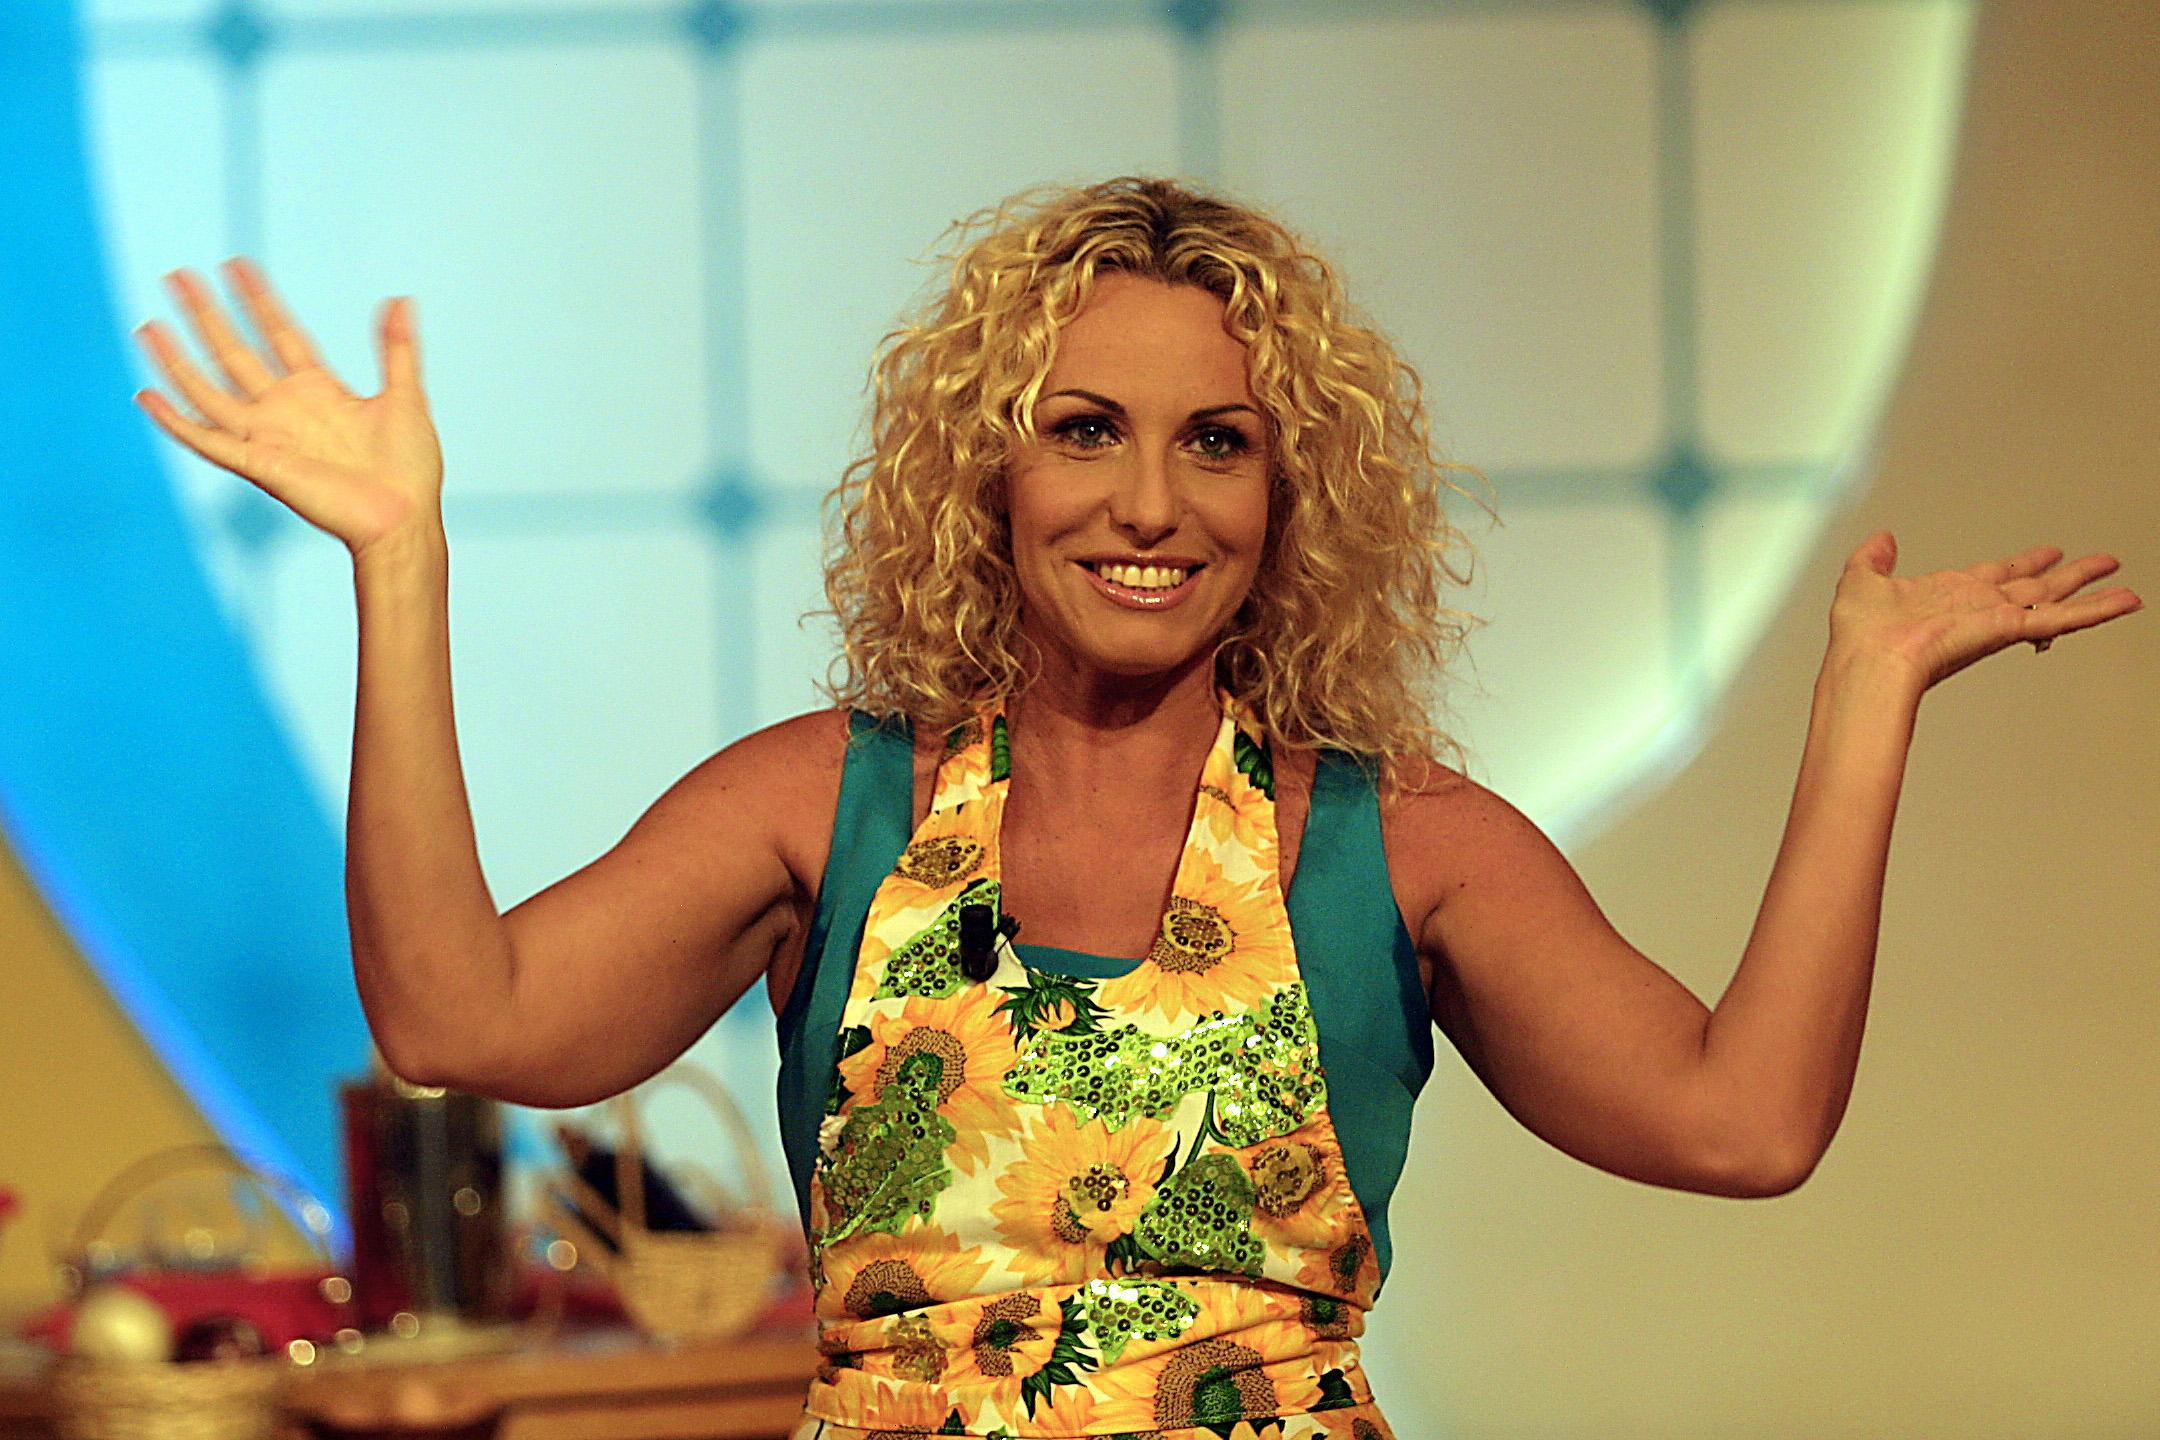 Sanremo Young puntata 9 marzo 2018: anticipazioni e ospiti